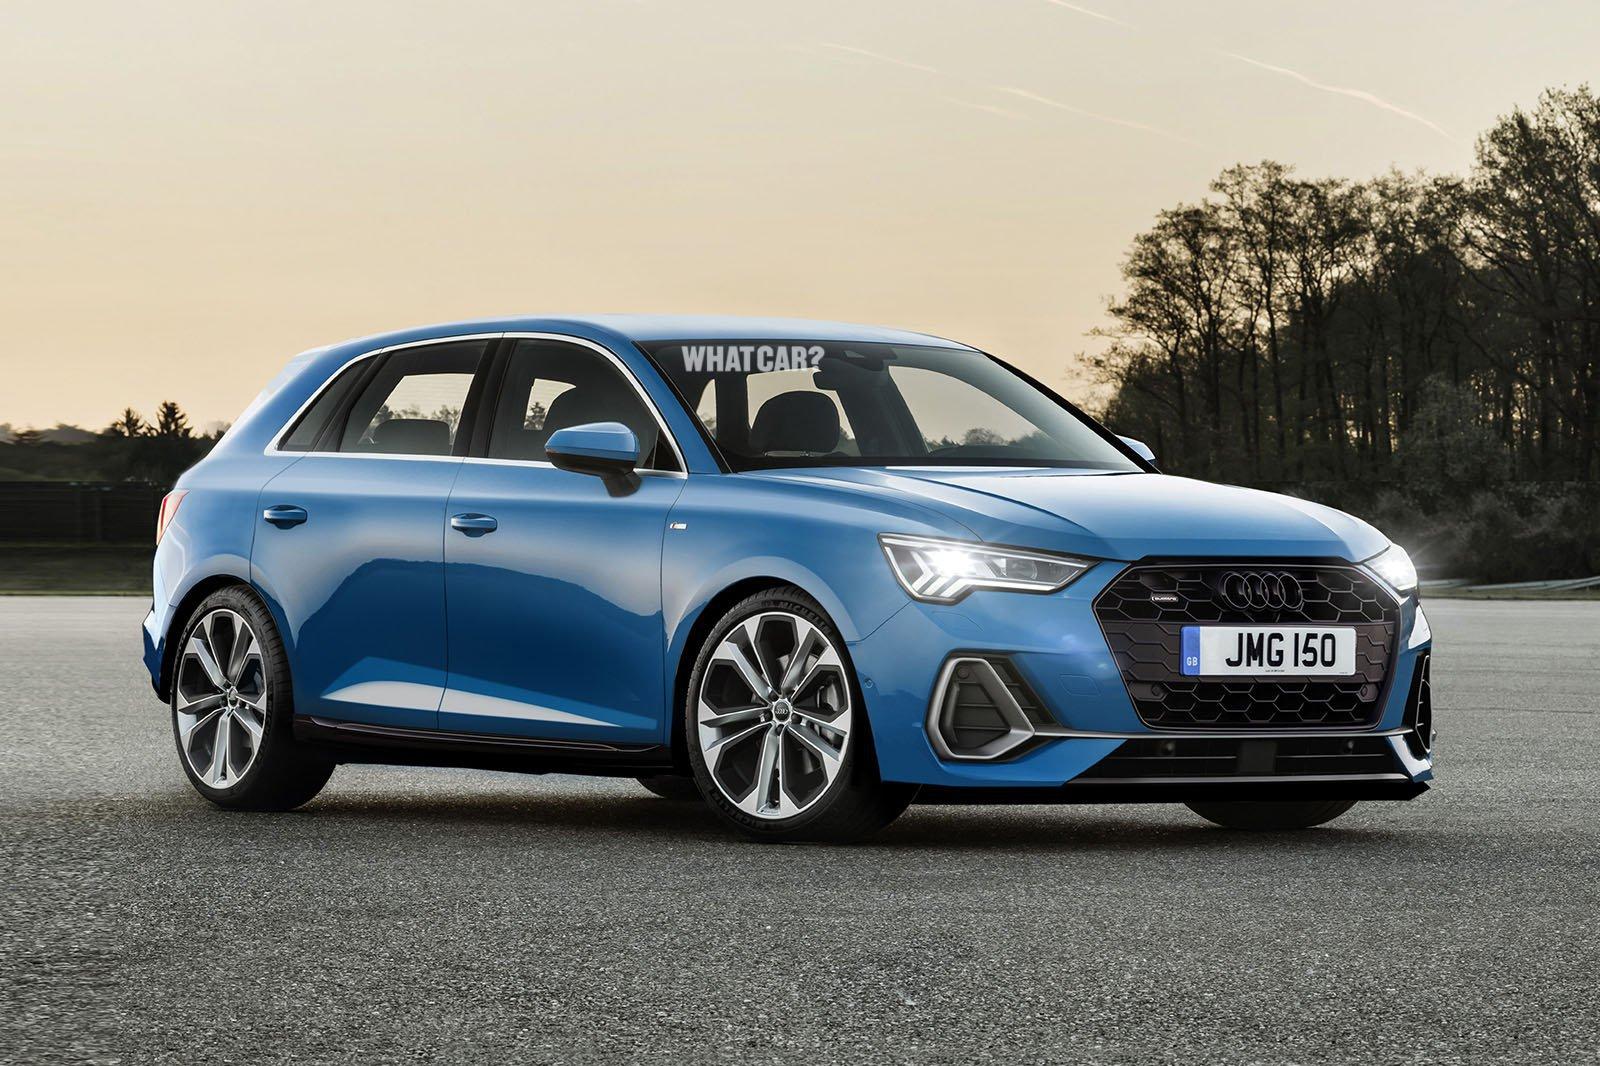 Audi A3 What Car? rendition